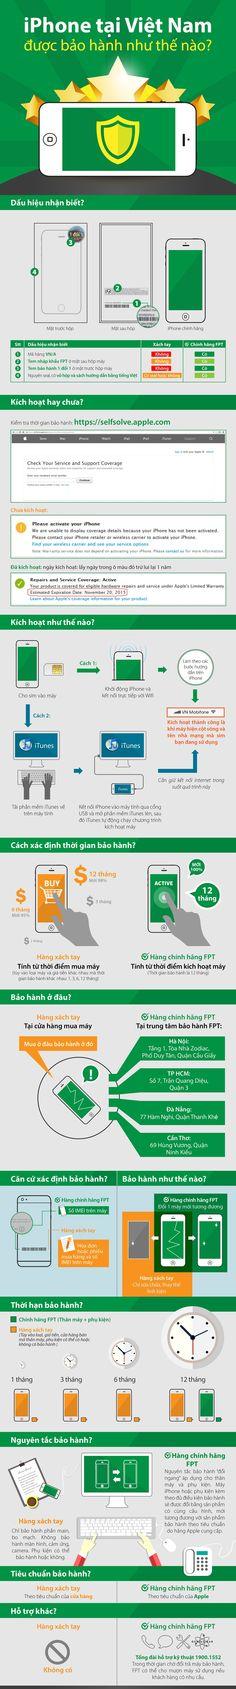 Infographic - Chế Độ Bảo Hành iPhone tại Việt Nam http://www.infographic24h.com/2015/02/Che-do-bao-hanh-iPhone.html